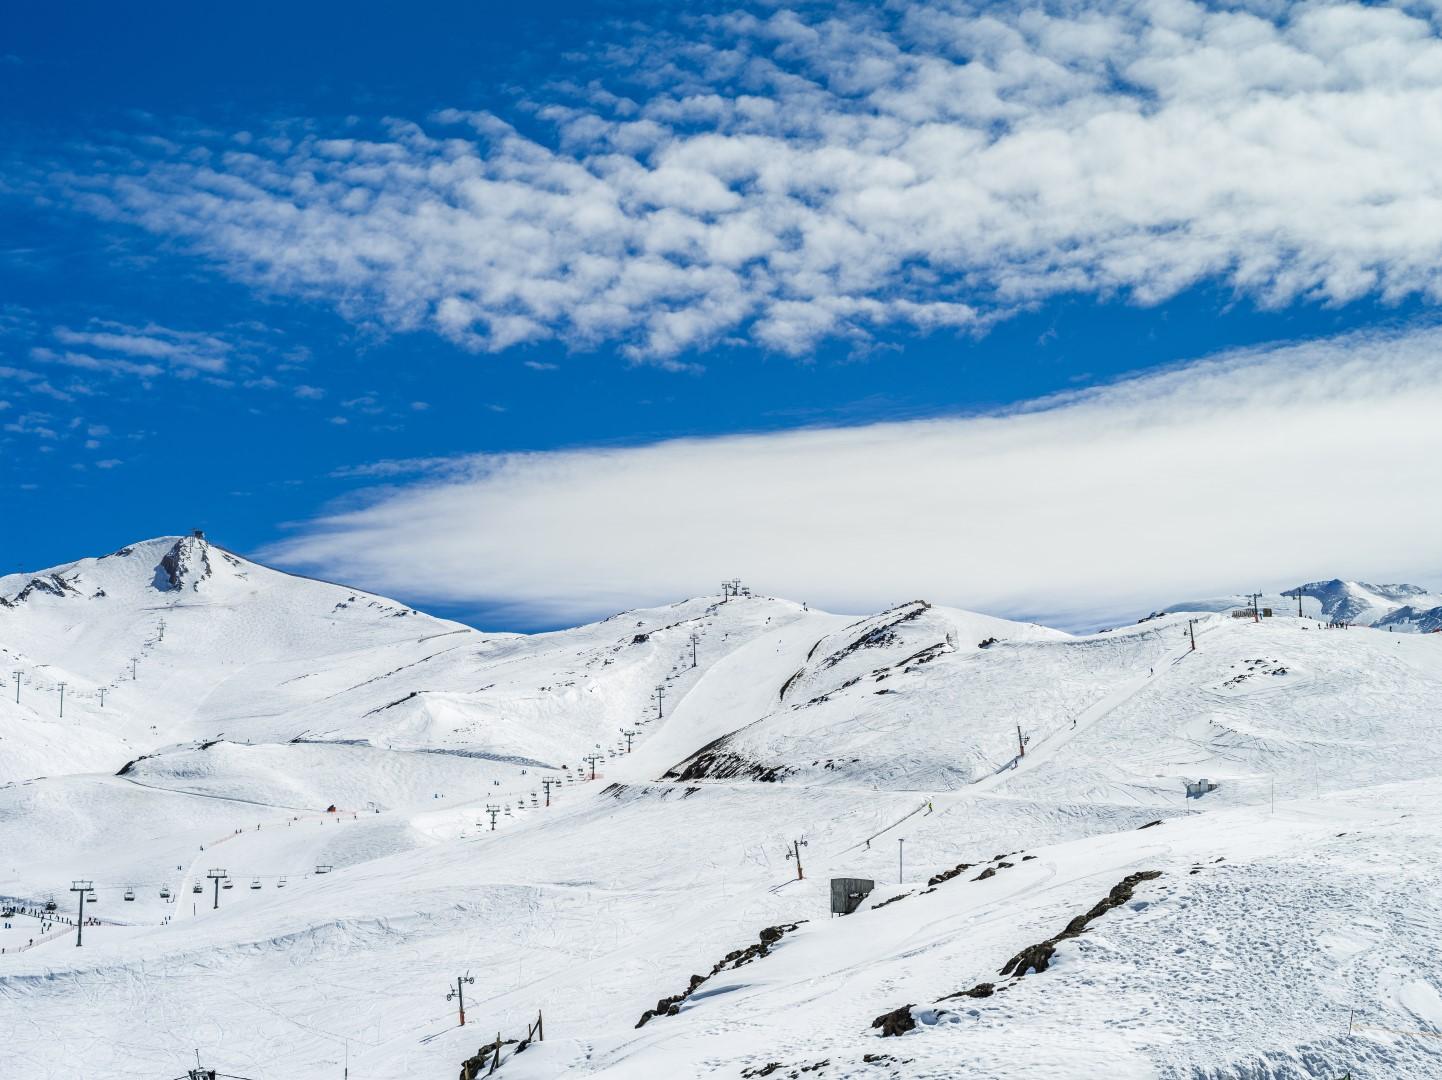 Valle Nevado, un destino exclusivo que fusiona esquí y snowboard con un mundo gourmet de lujo